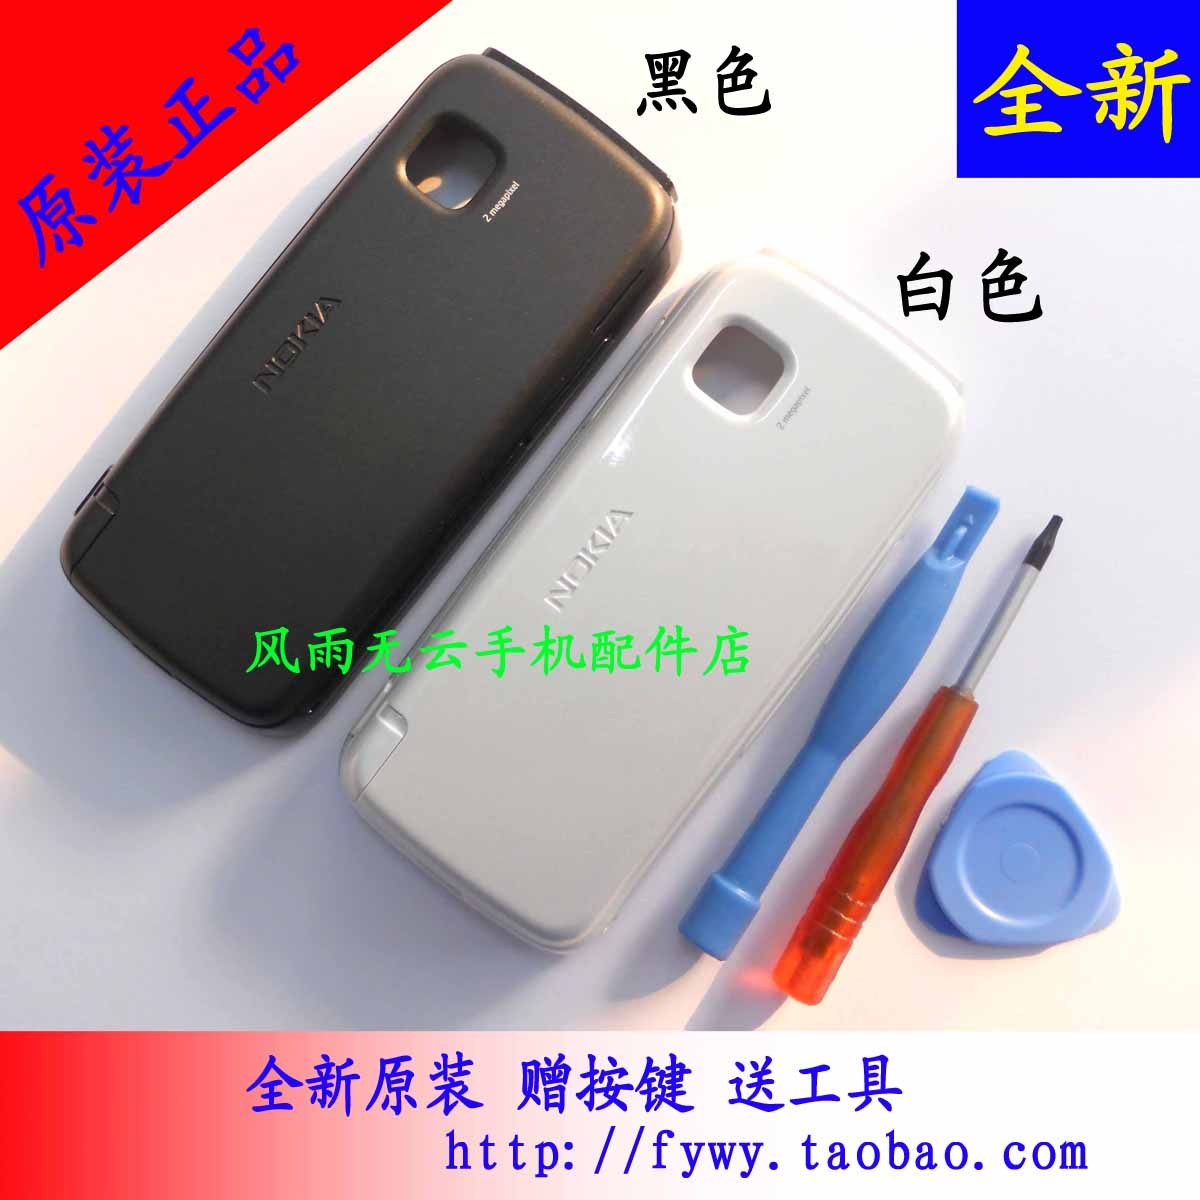 诺基亚5233/5230外壳 手机外壳 后盖 全套外壳 带按键 原装特价